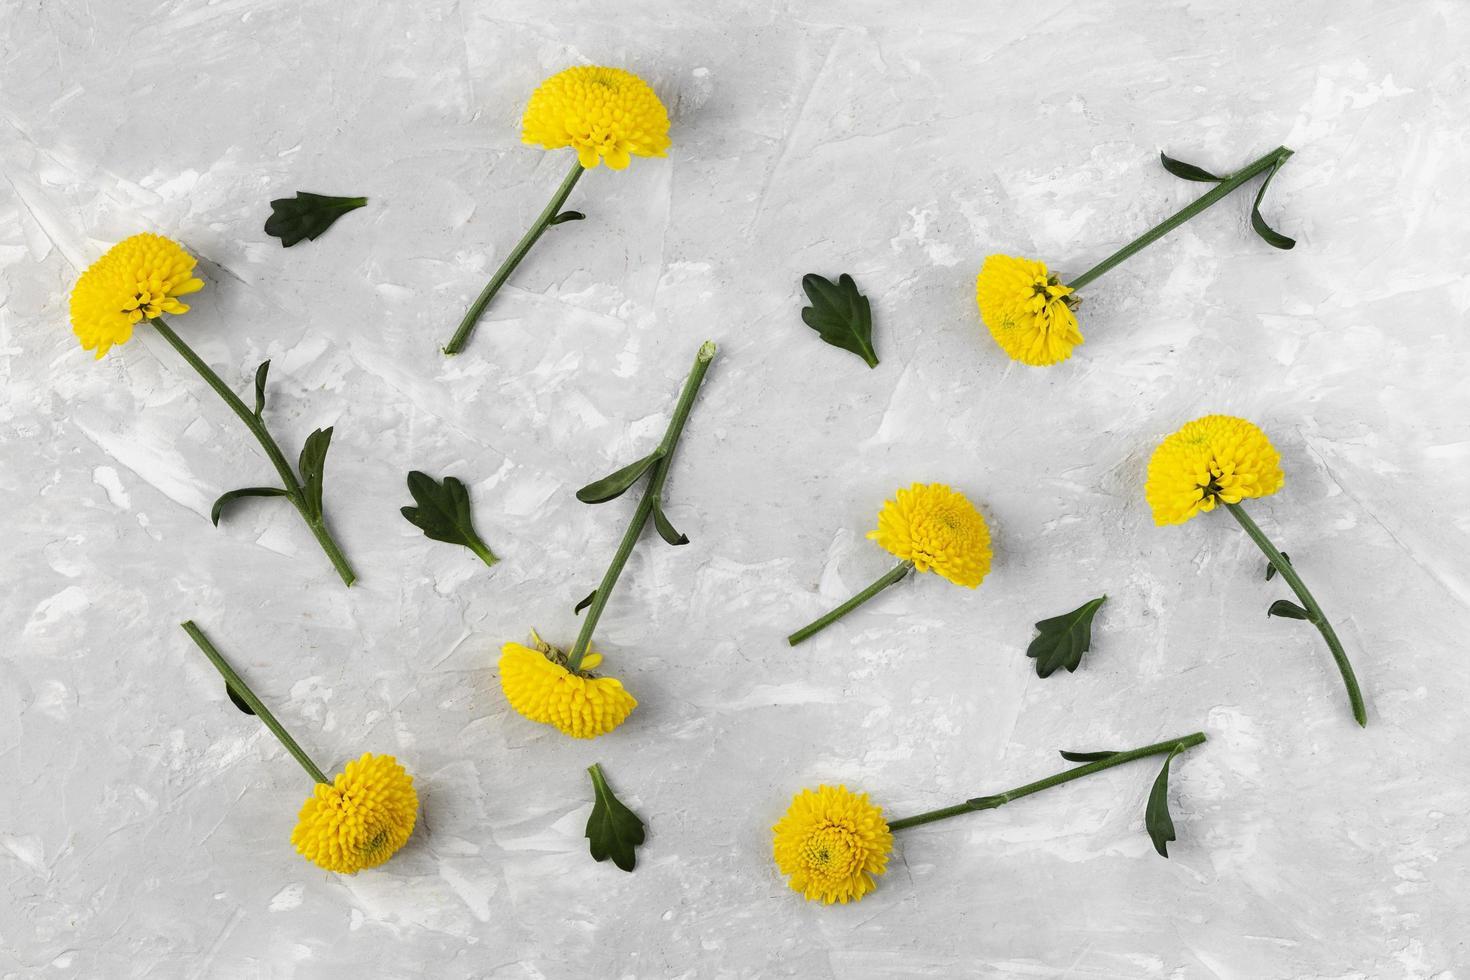 platt låg gula blommor på neutral bakgrund foto